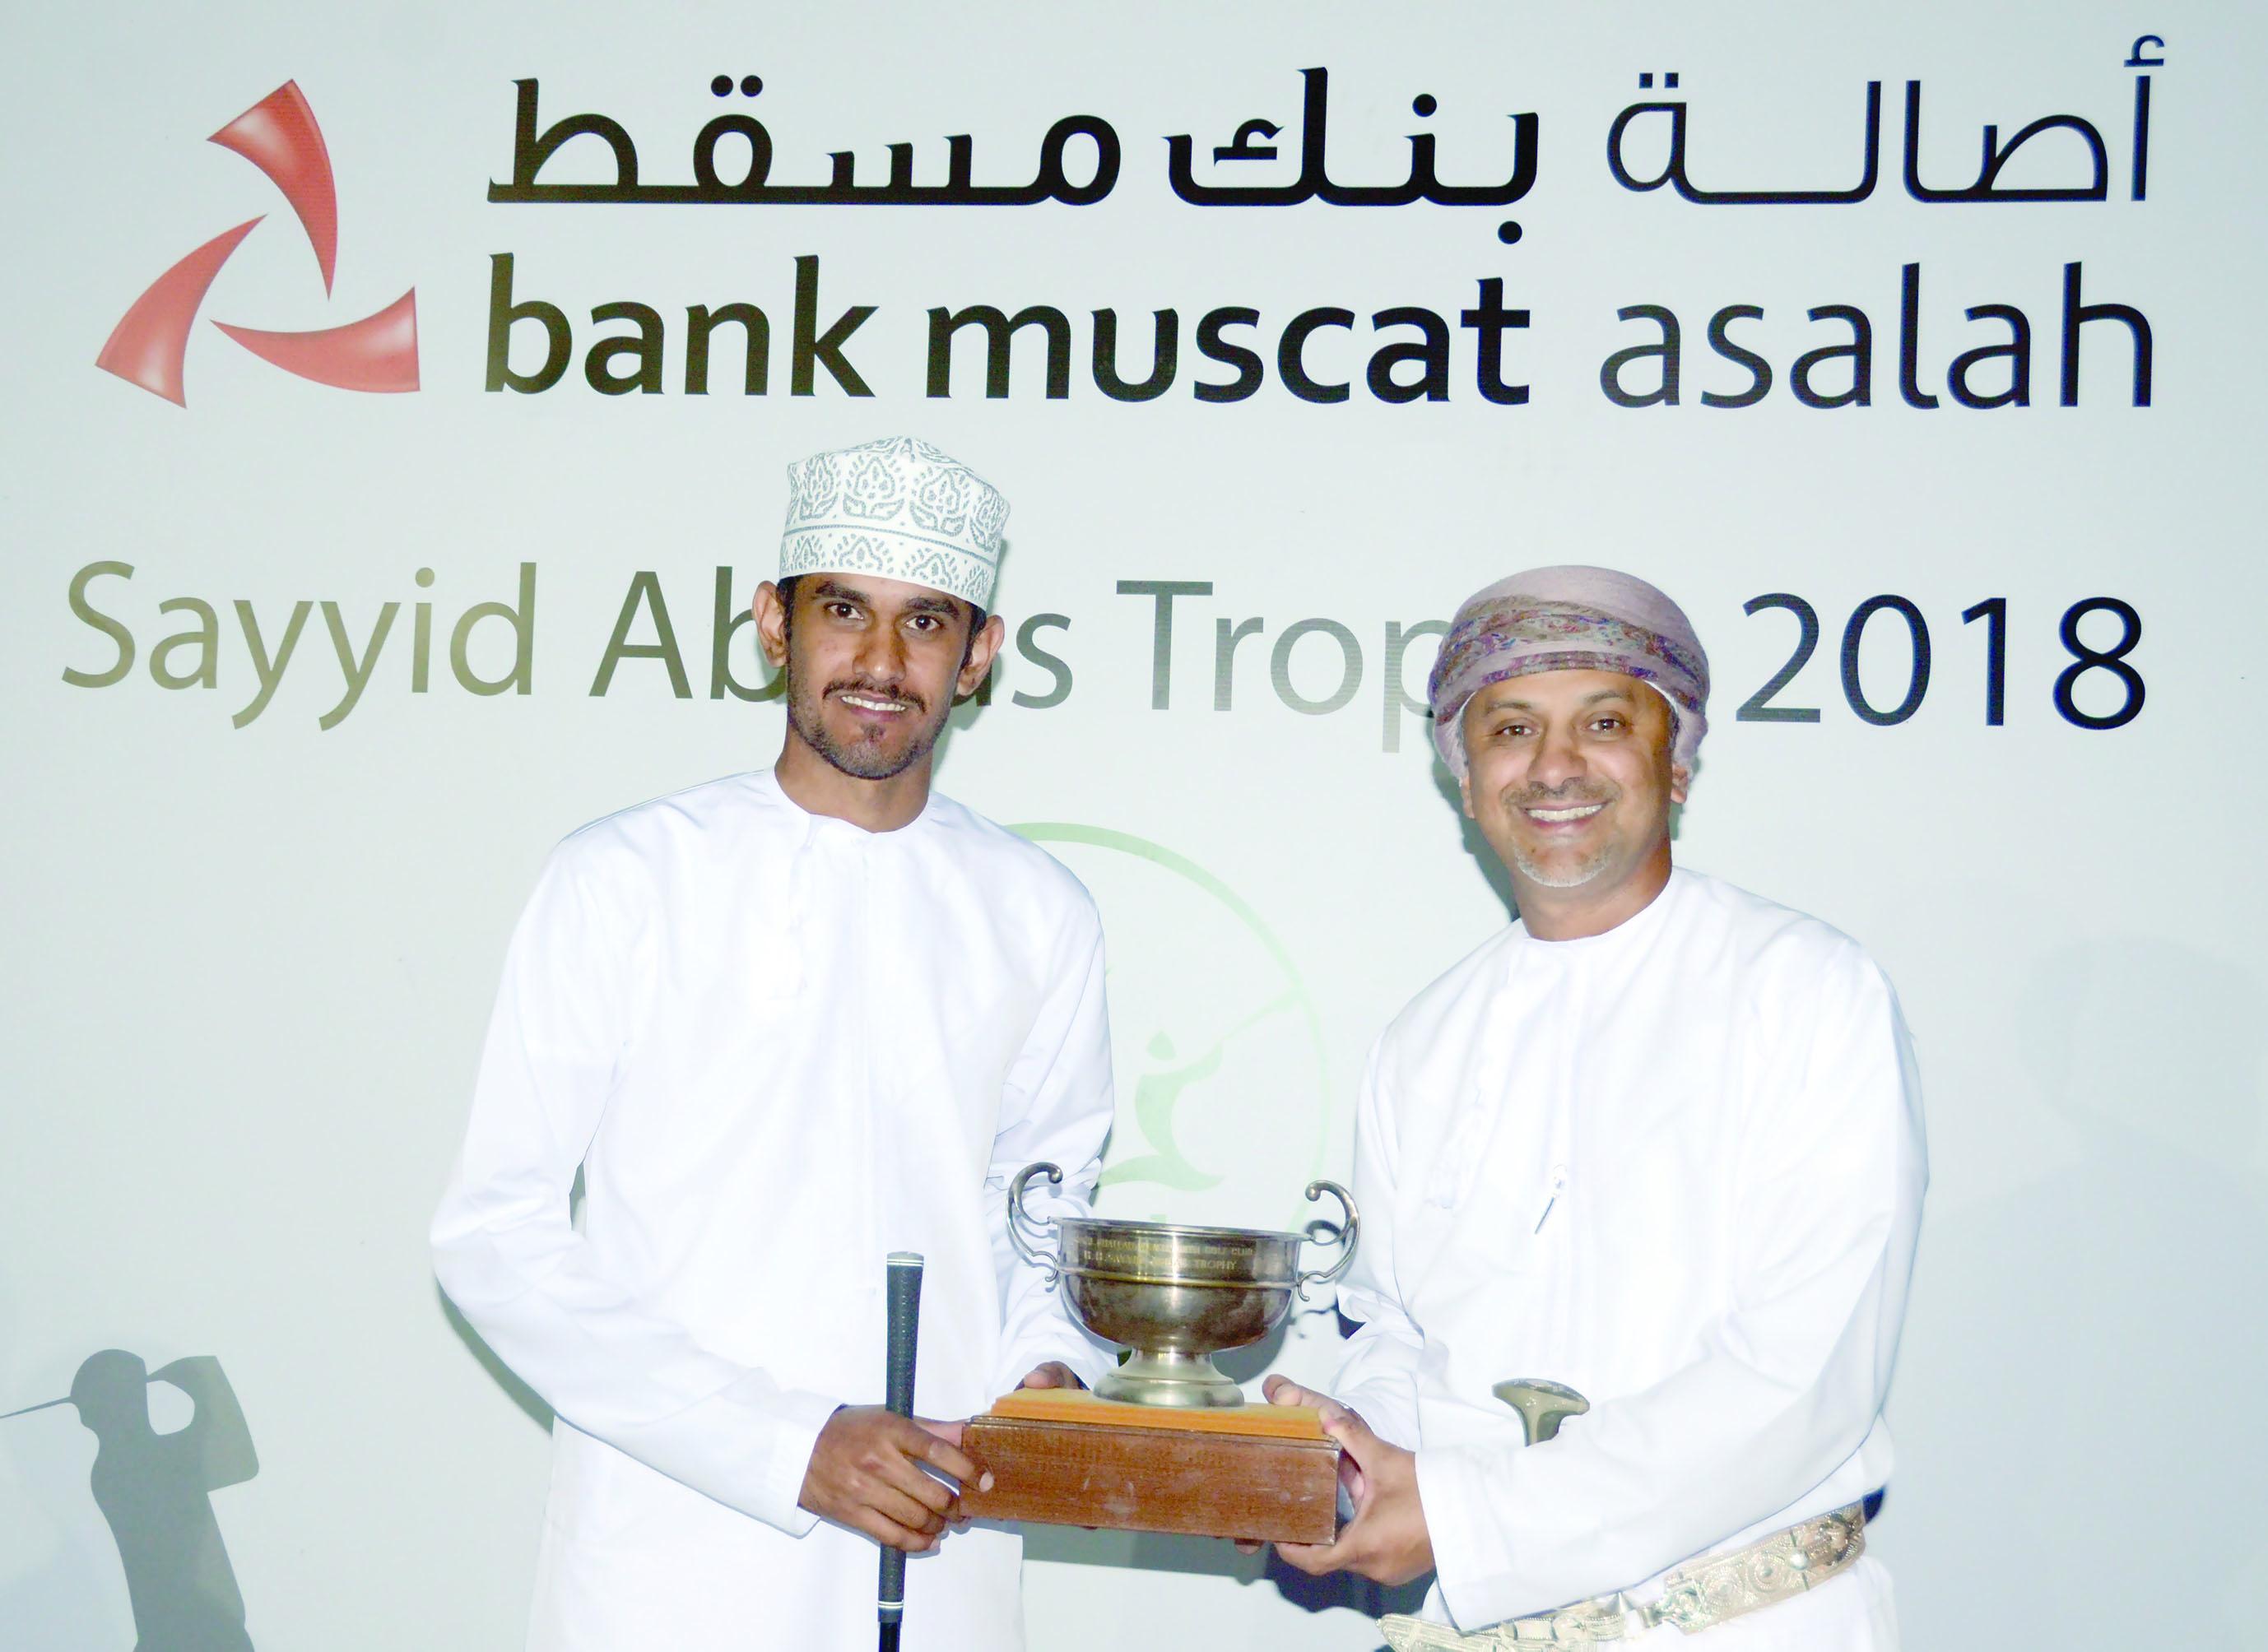 بنك مسقط يساهم في إنجاح تنظيم بطولة السيد عباس للجولف لعام 2018